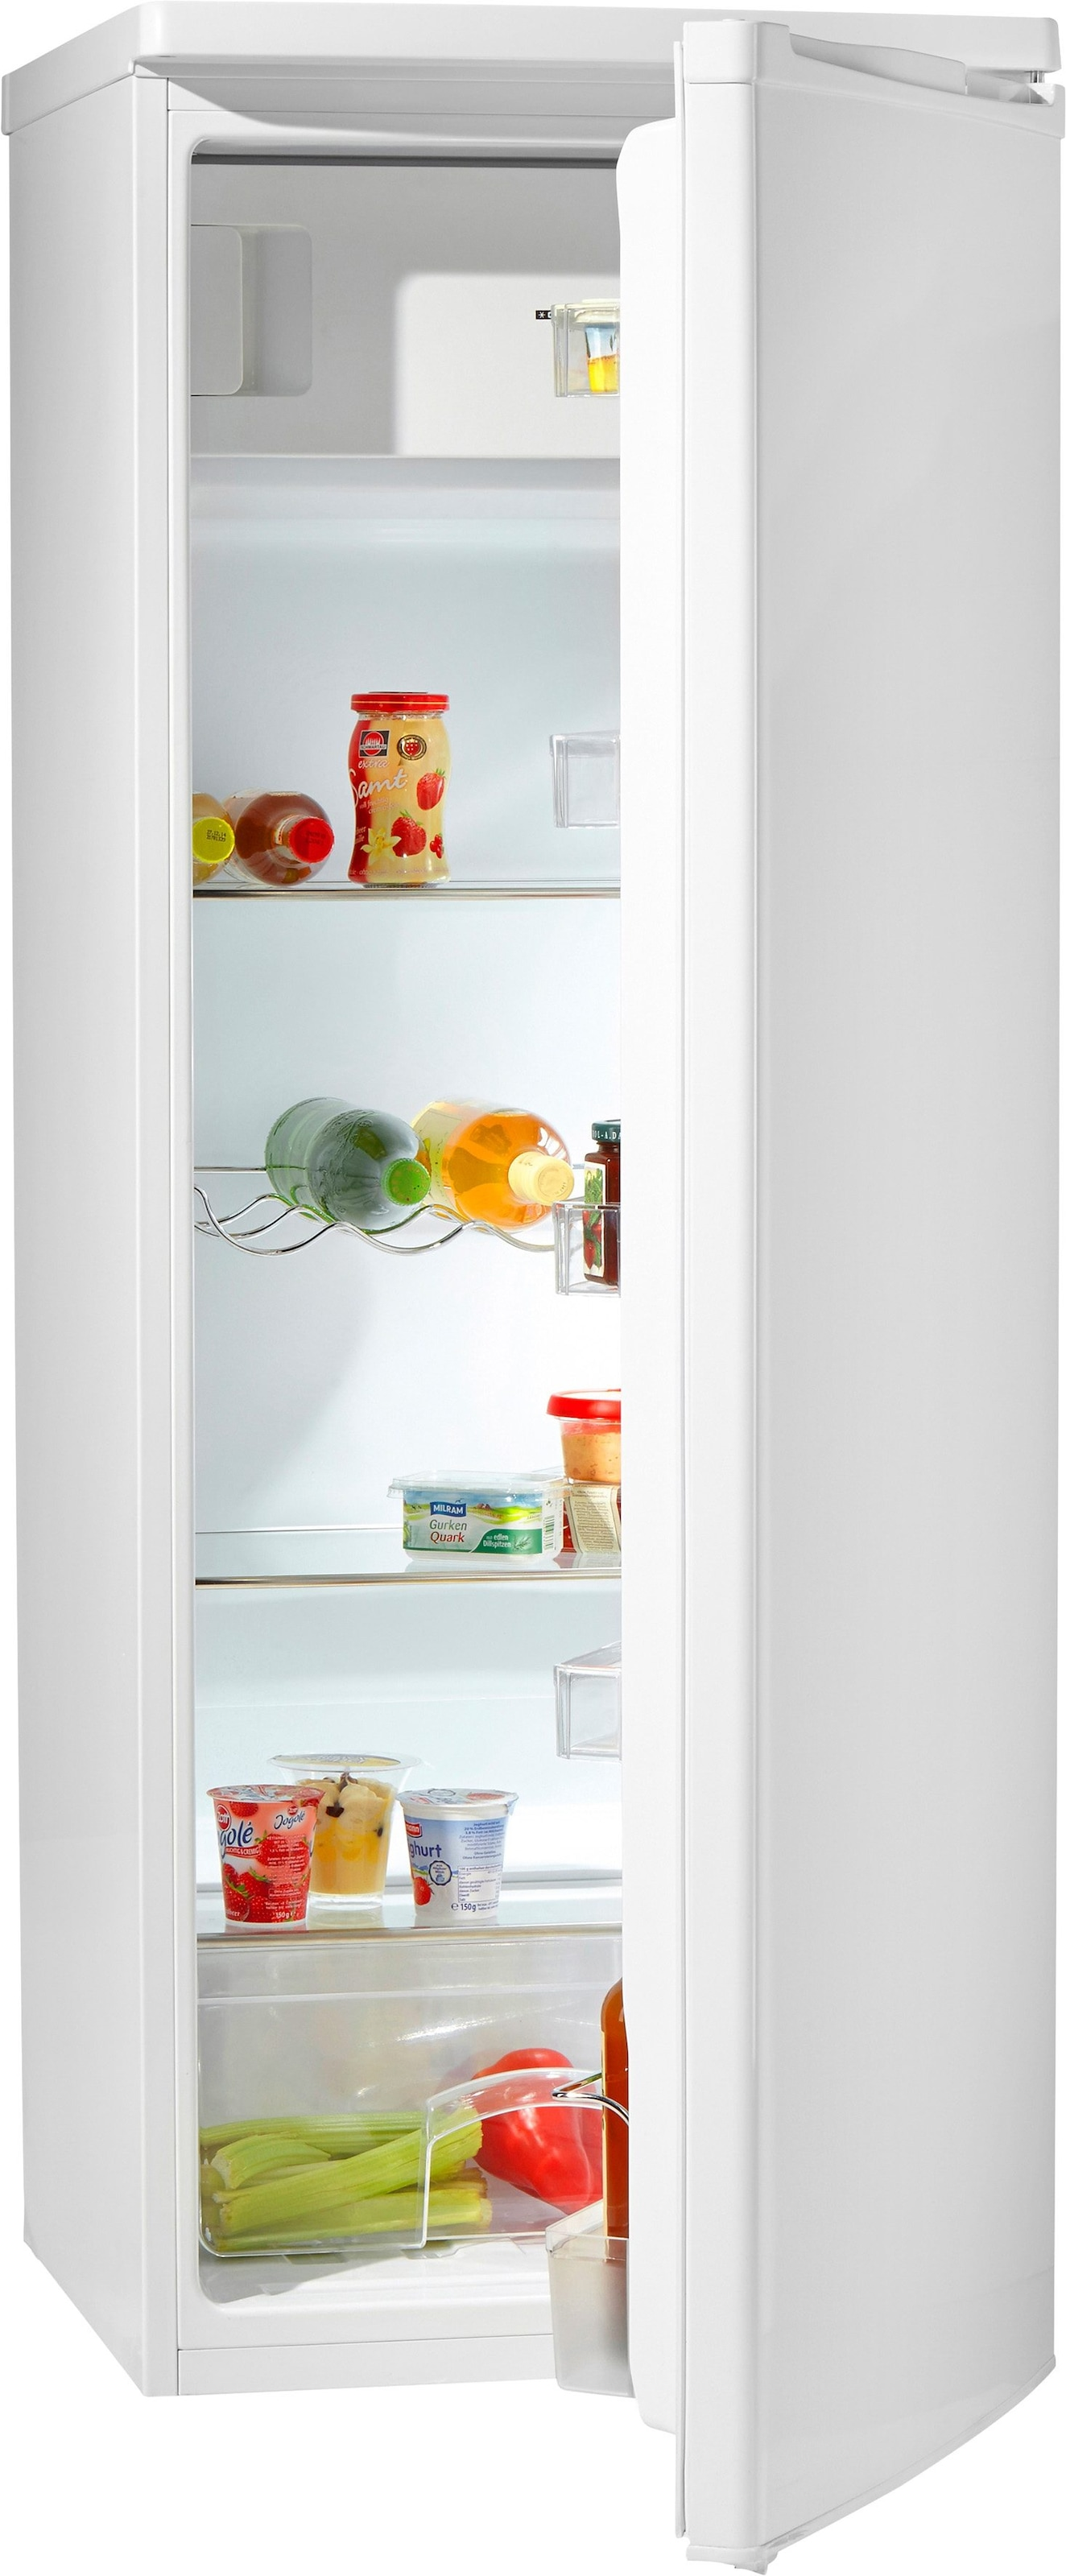 Amica Kühlschrank 55 Cm : Hanseatic kühlschrank cm hoch cm breit per rechnung baur